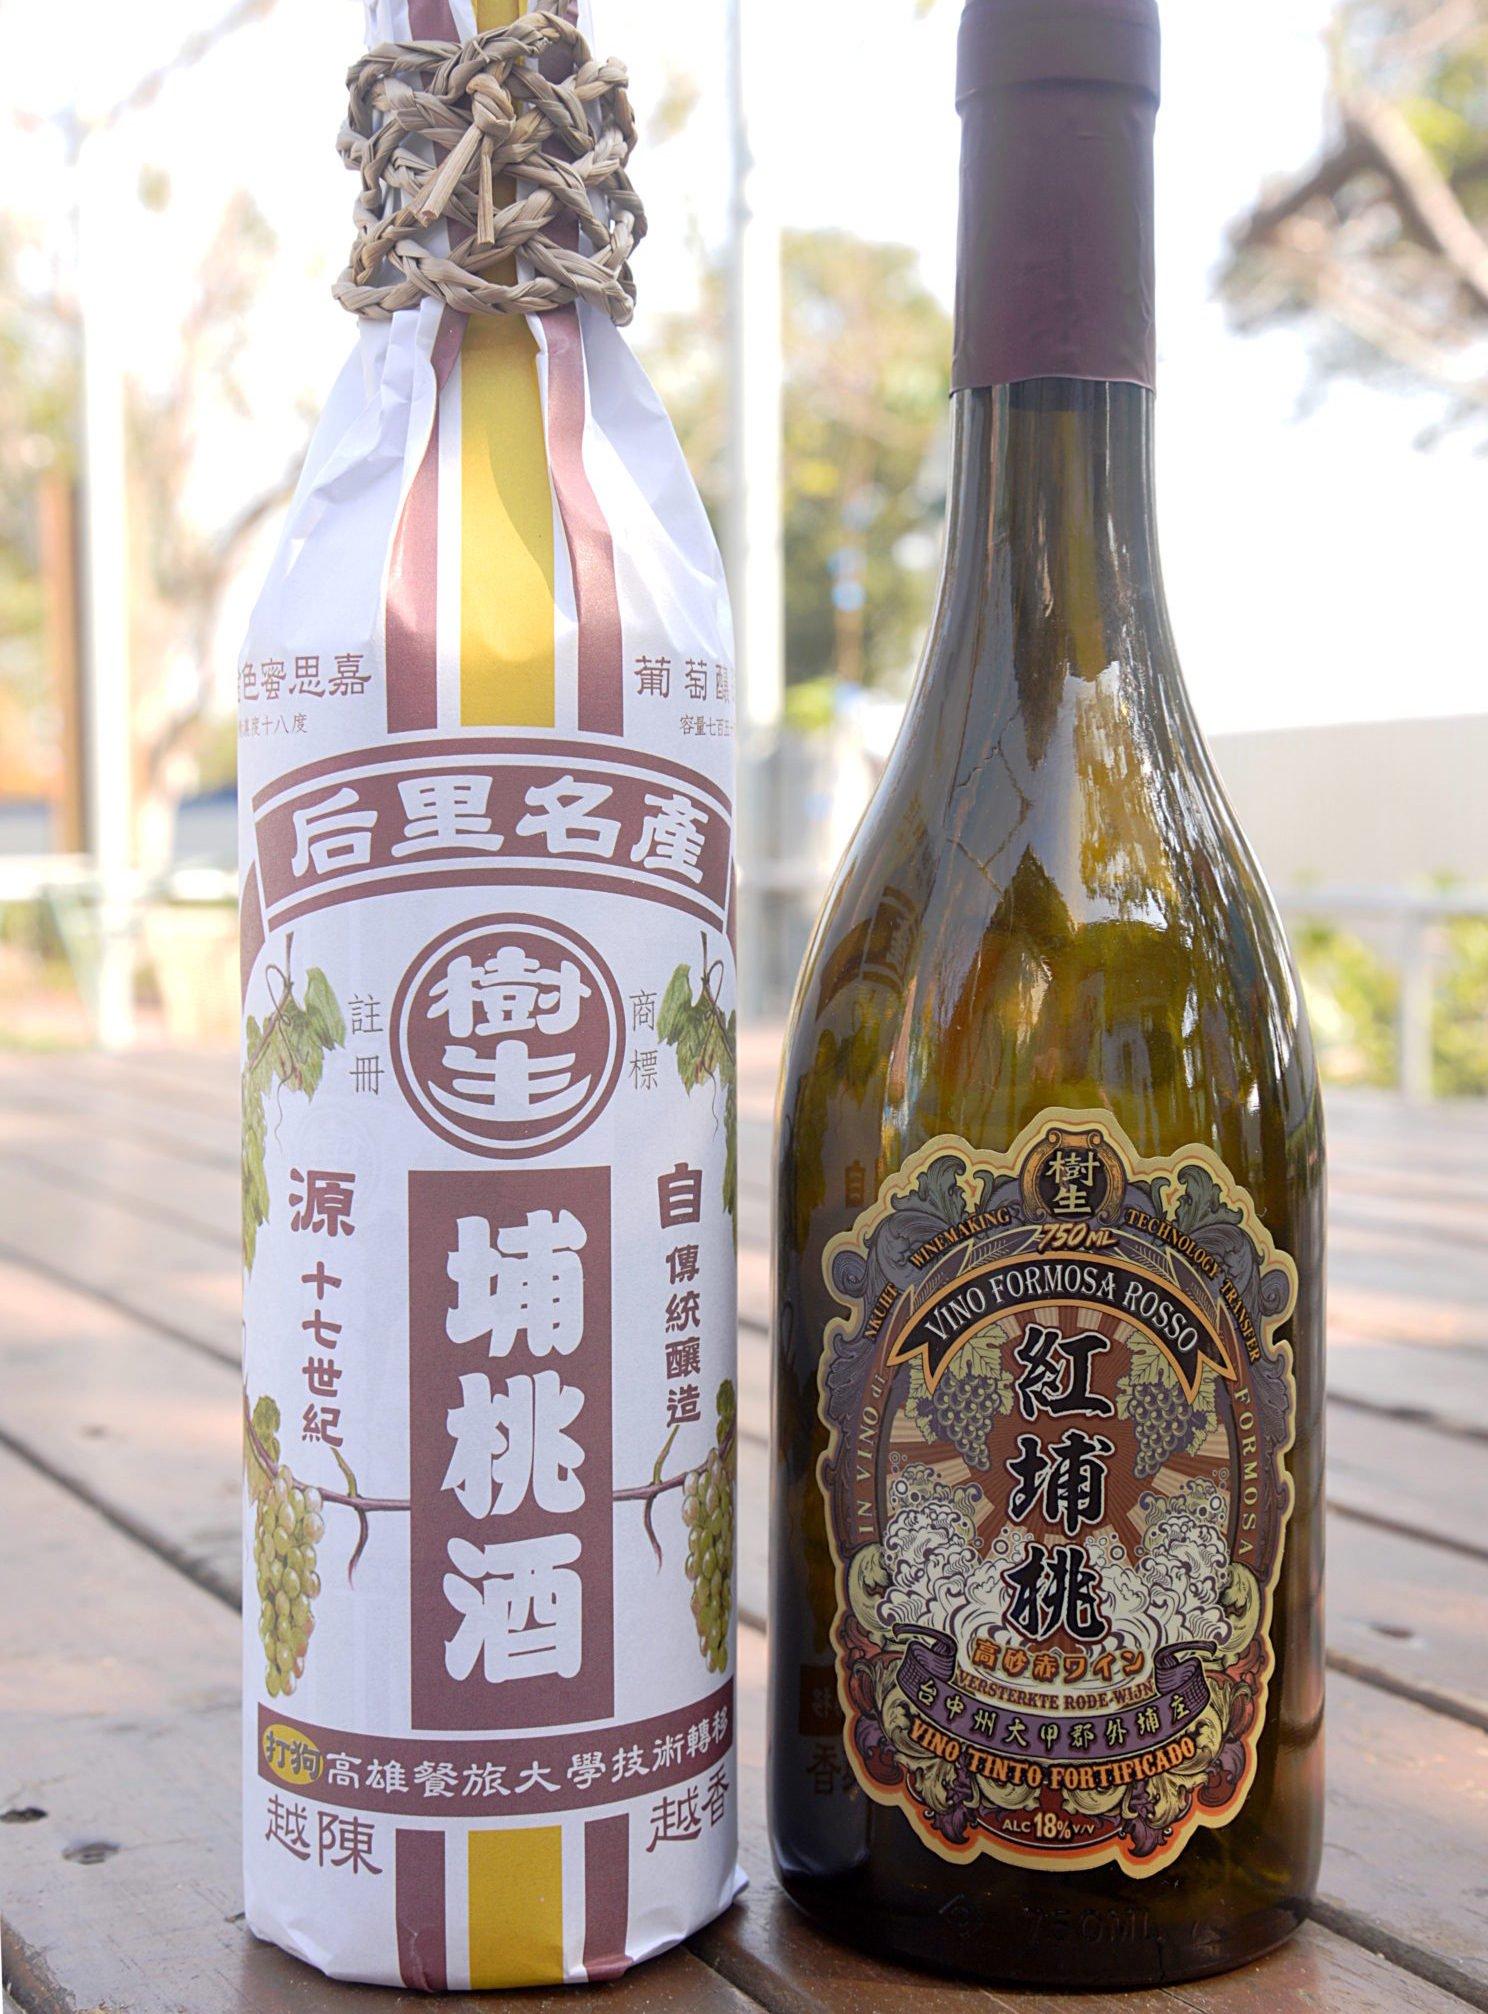 Vino Formosa